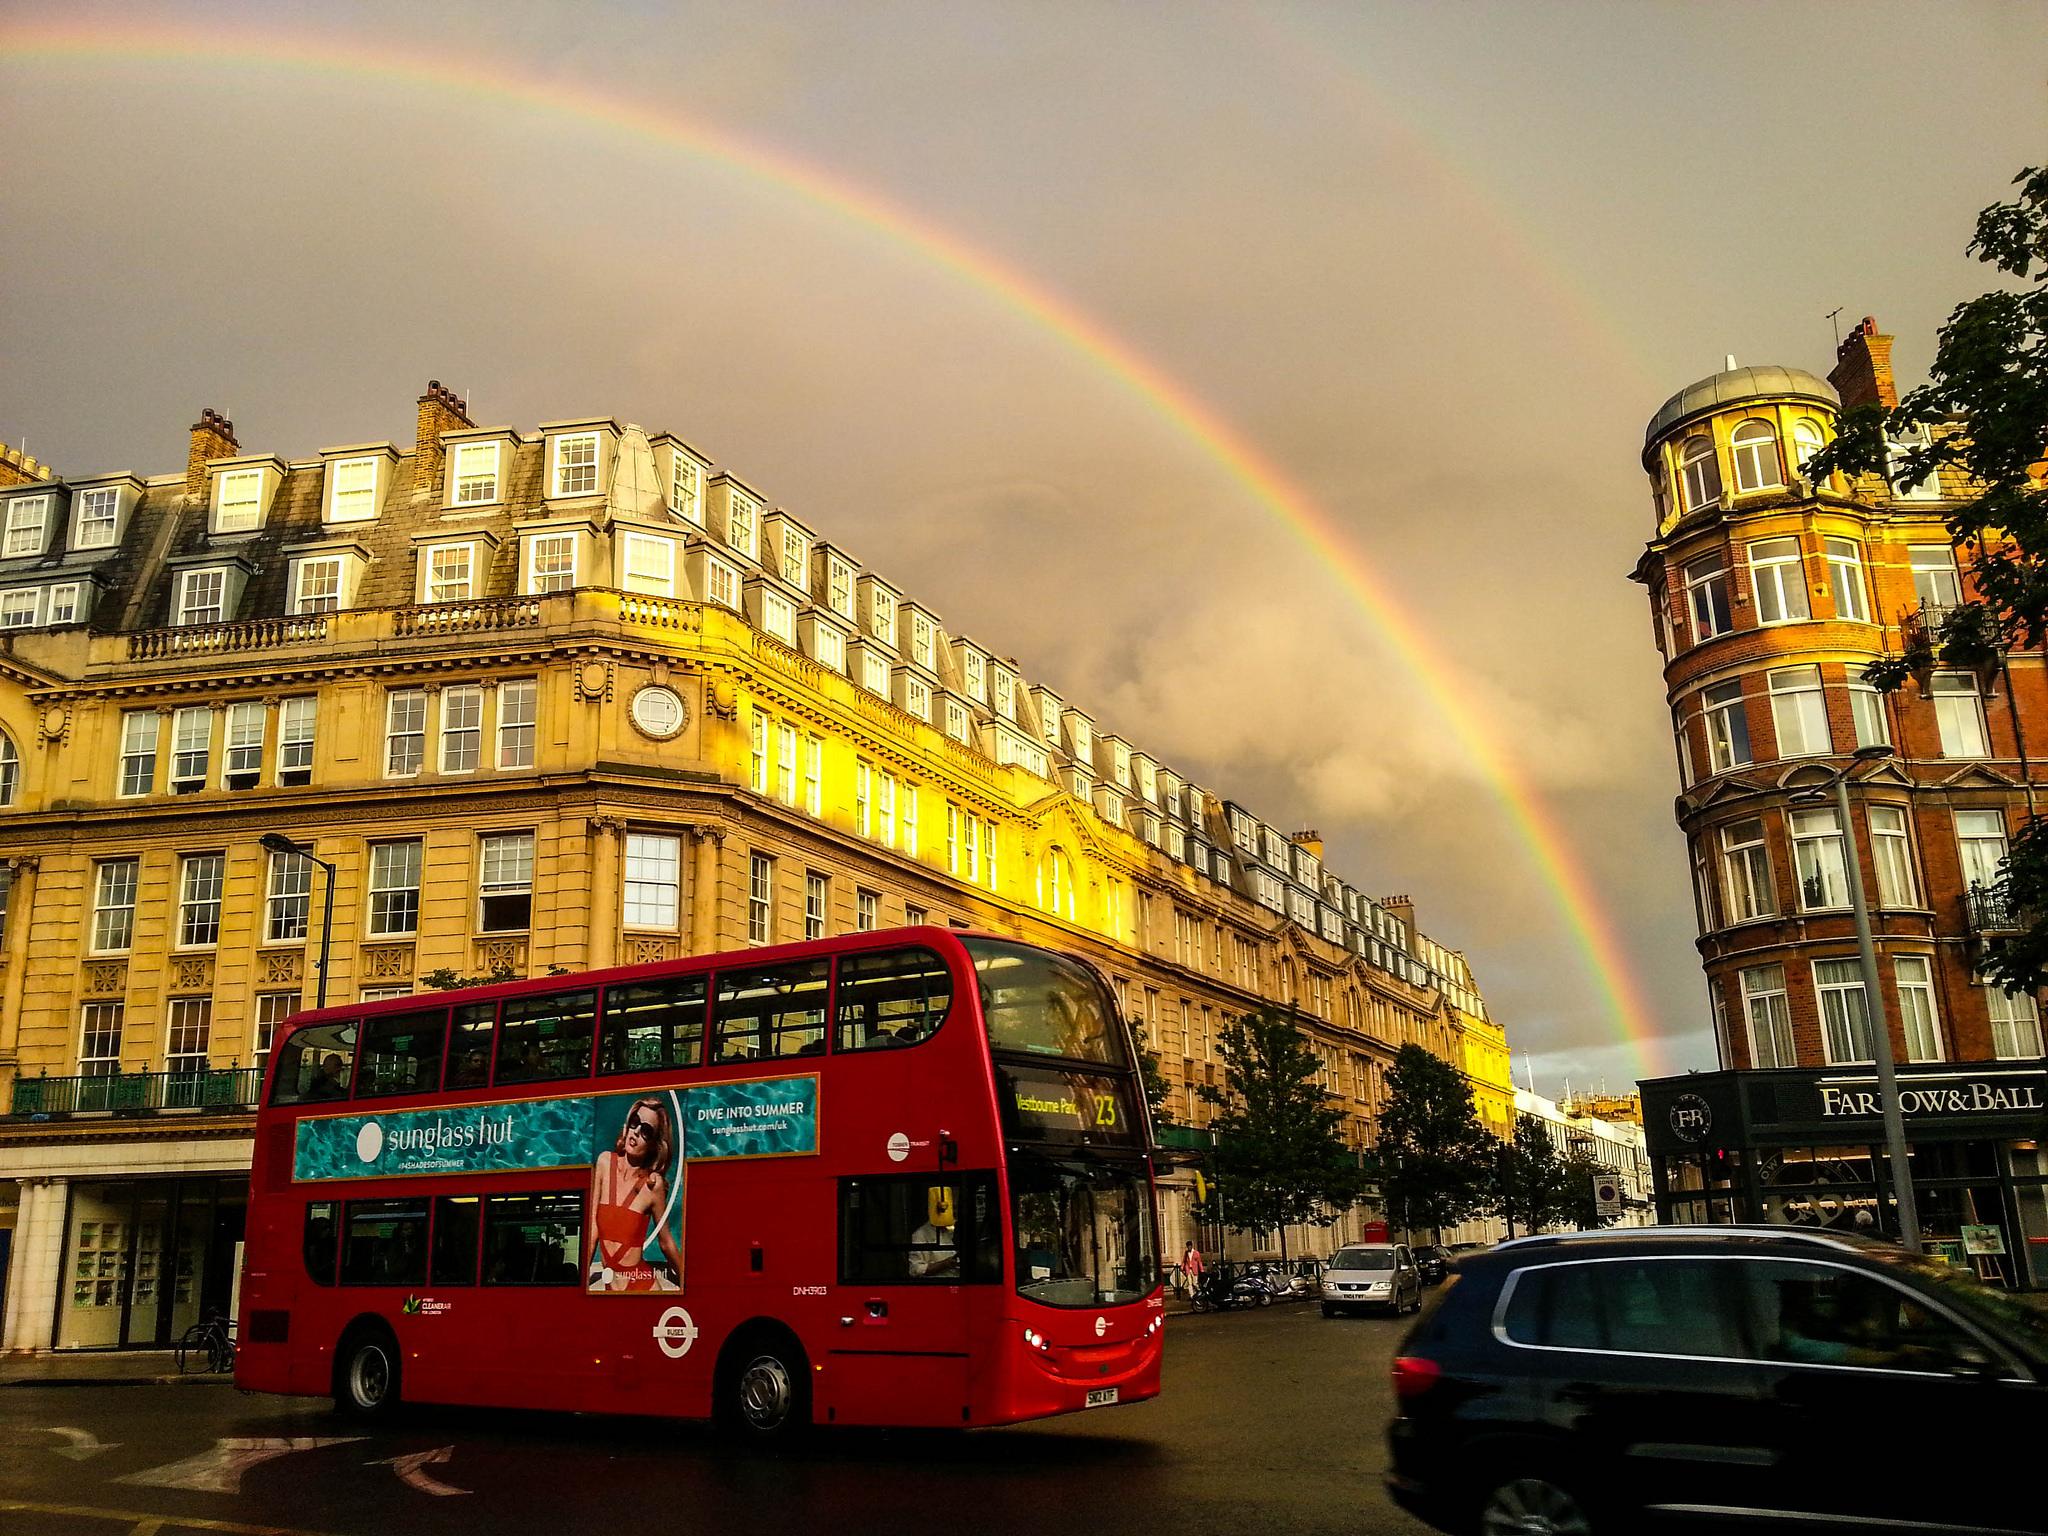 Радуга над Ноттинг-Хилл, Лондон